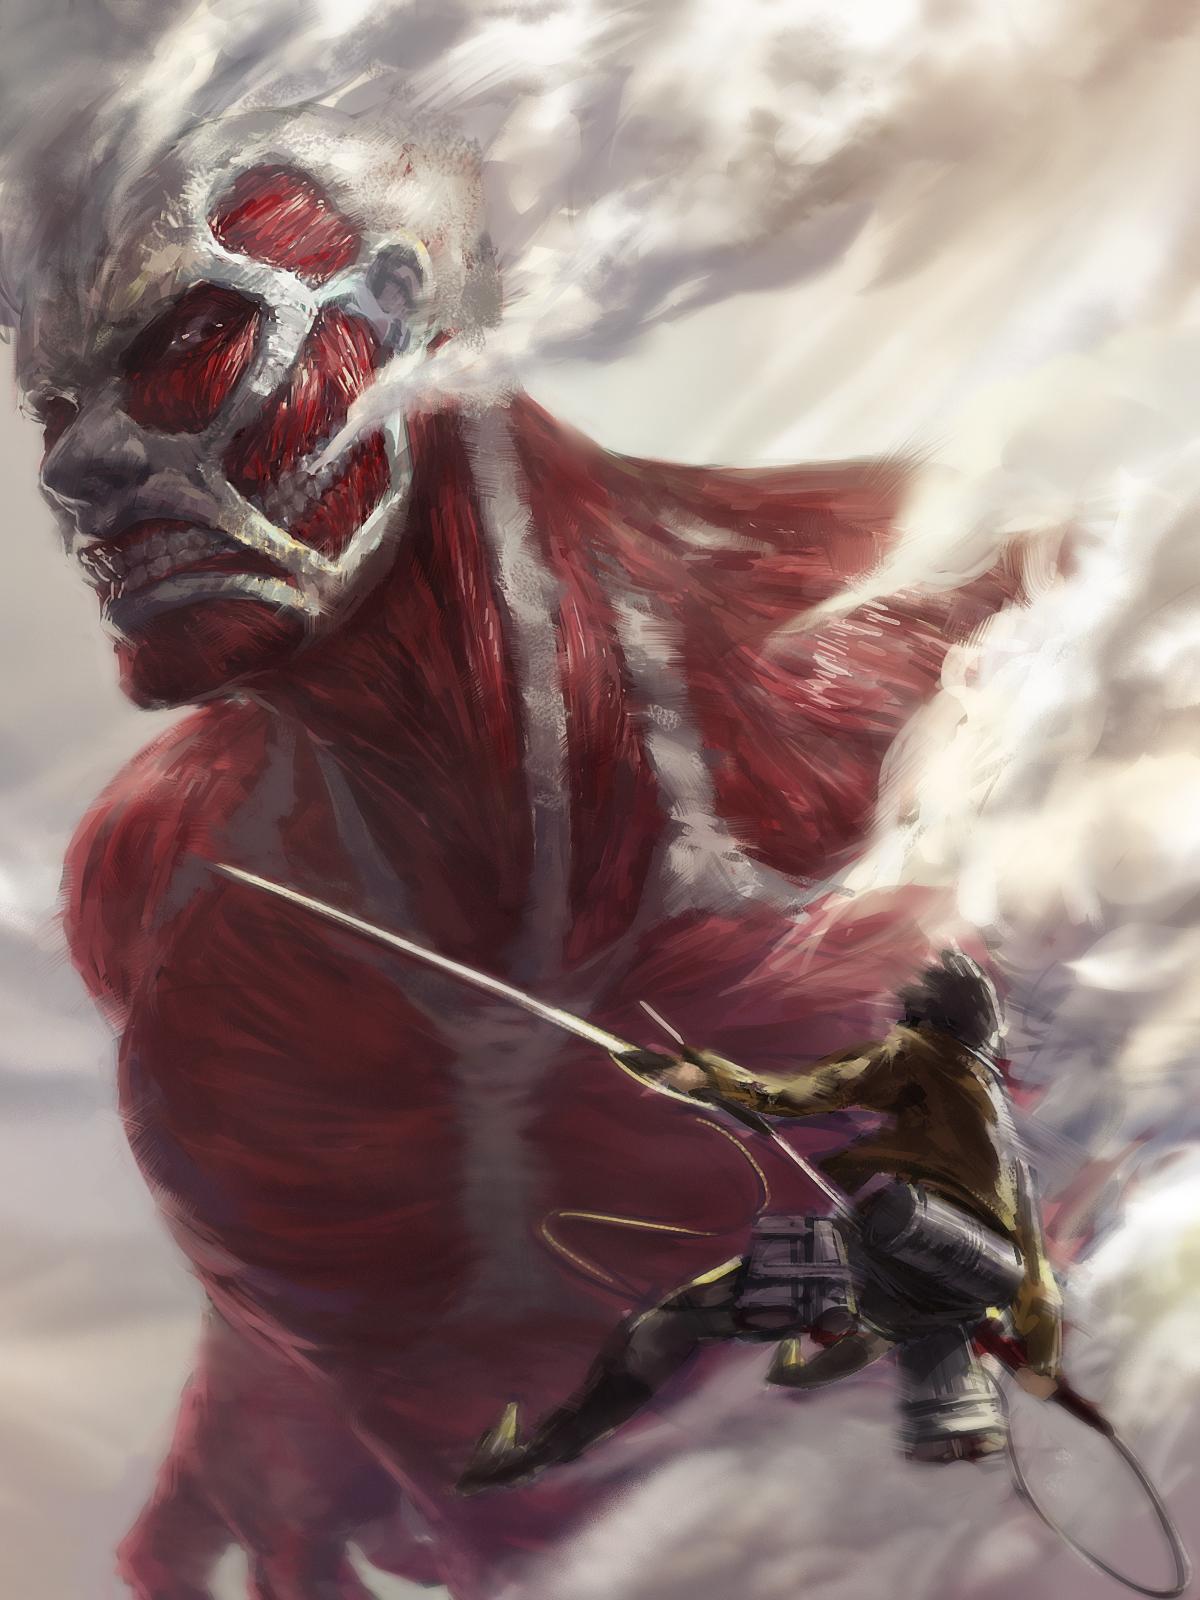 Giant - Zerochan Anime Image Board